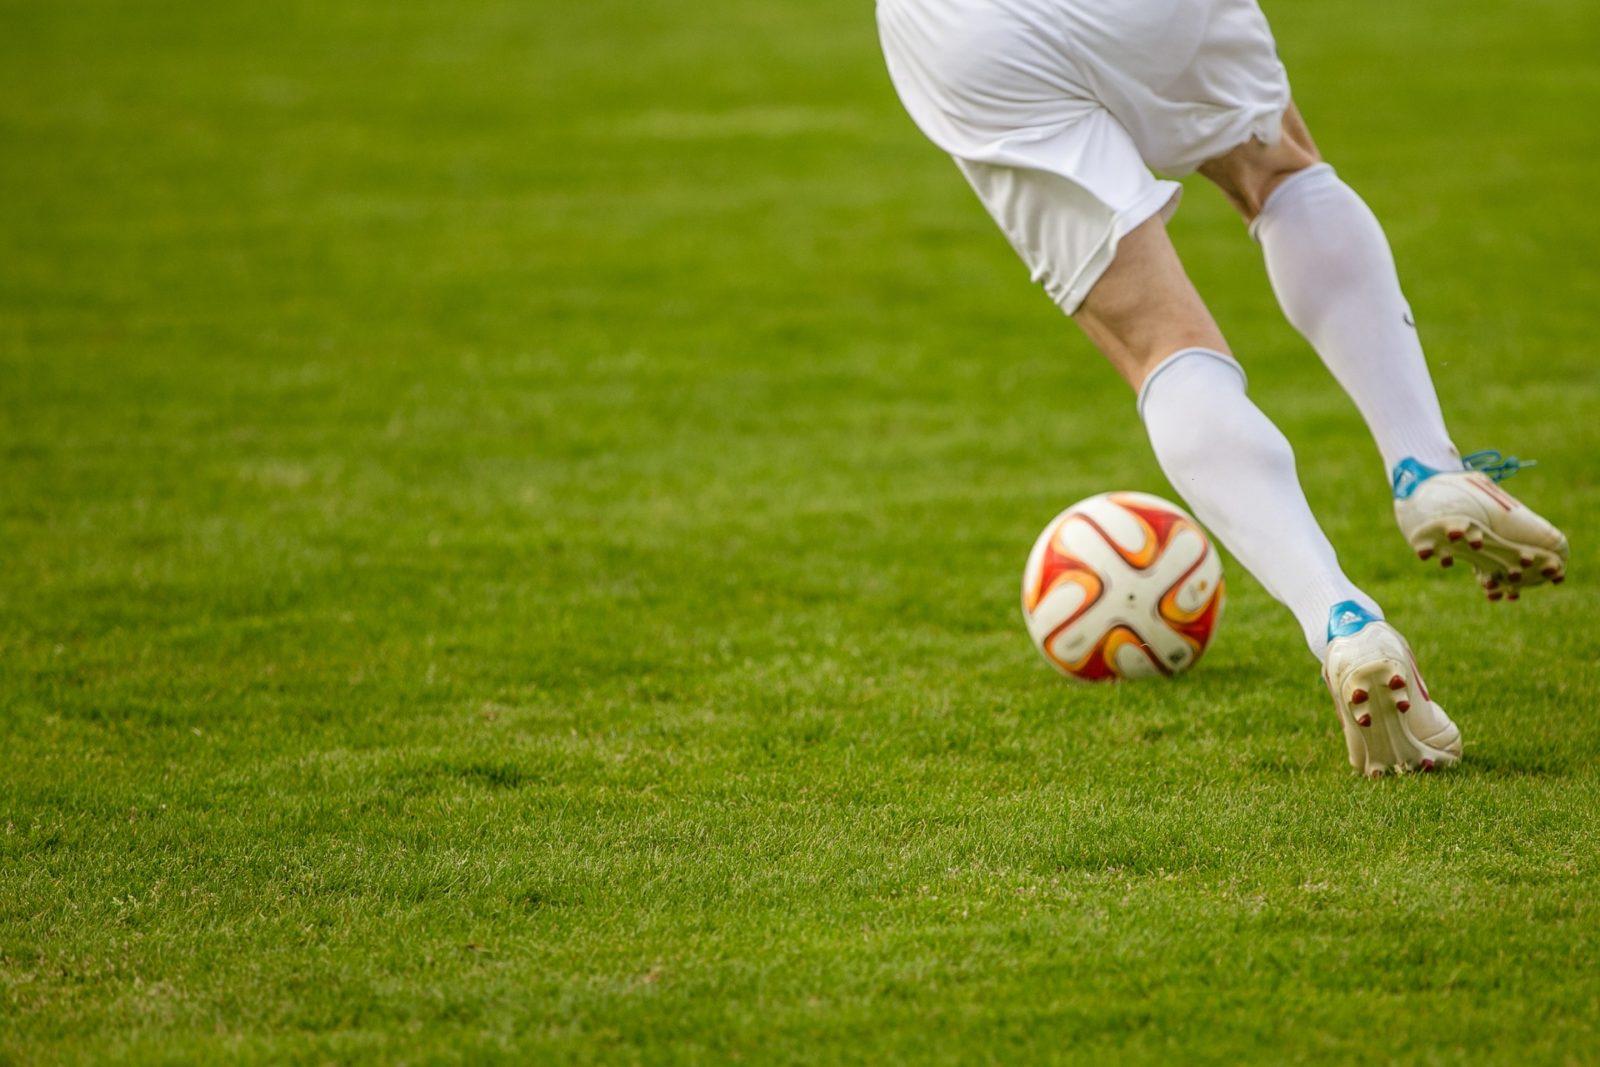 Der Sportverein und die Auflösung einer seiner Sportabteilungen